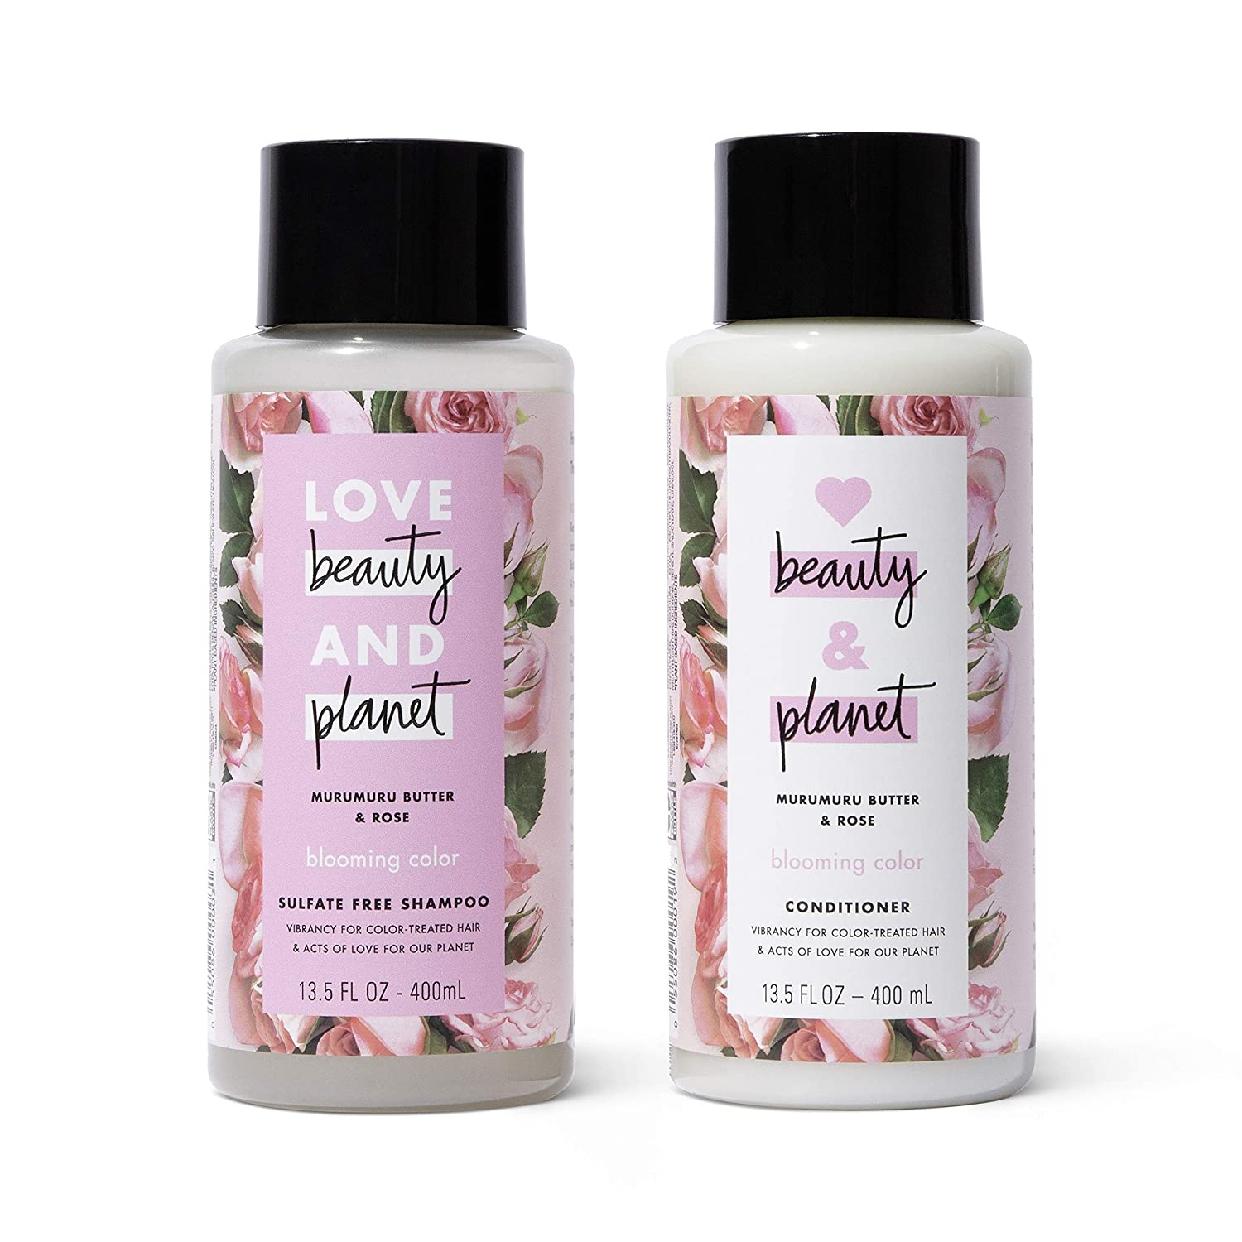 Love Beauty And Planet(ラブビューティアンドプラネット) カラーケアシャンプー&コンディショナーセットの商品画像